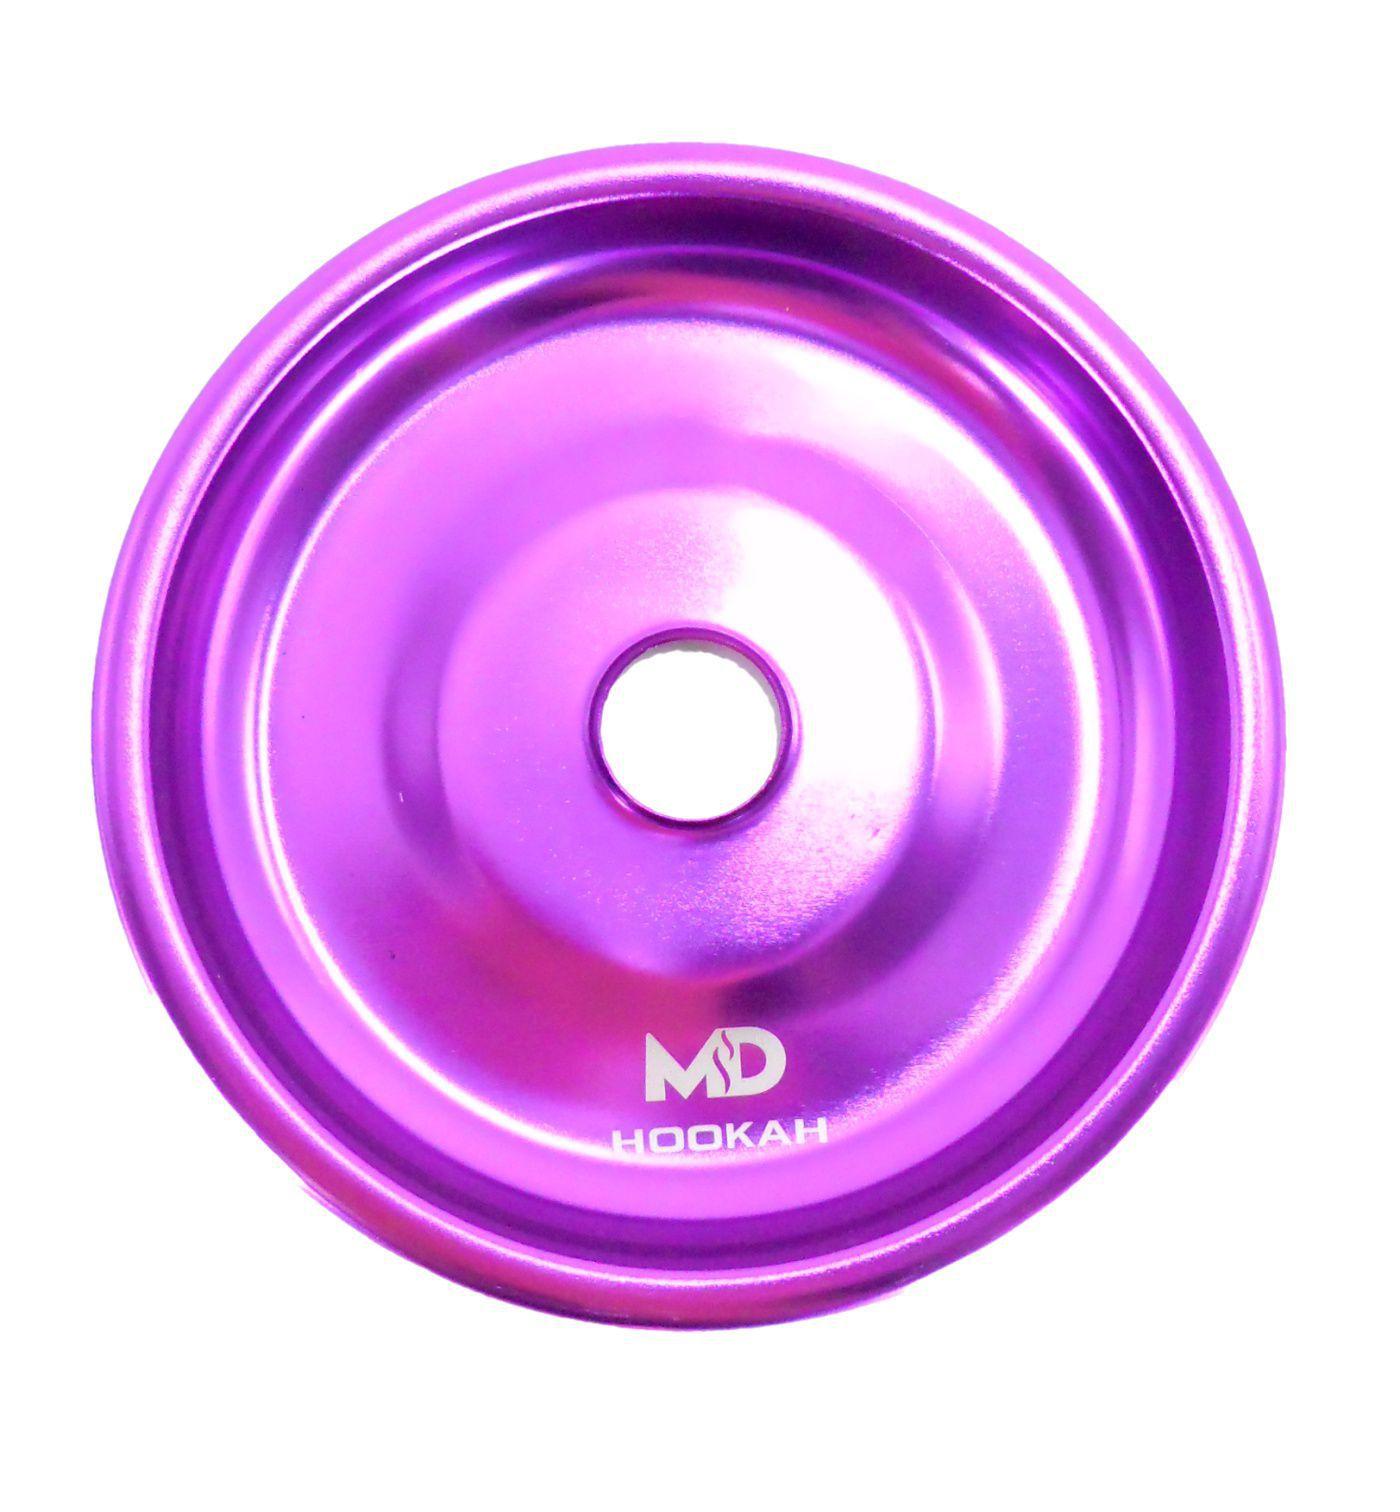 Prato para narguile em alumínio marca MD, tamanho médio (13,3cm de diâmetro, furo 2,2cm). Lilás/Roxo